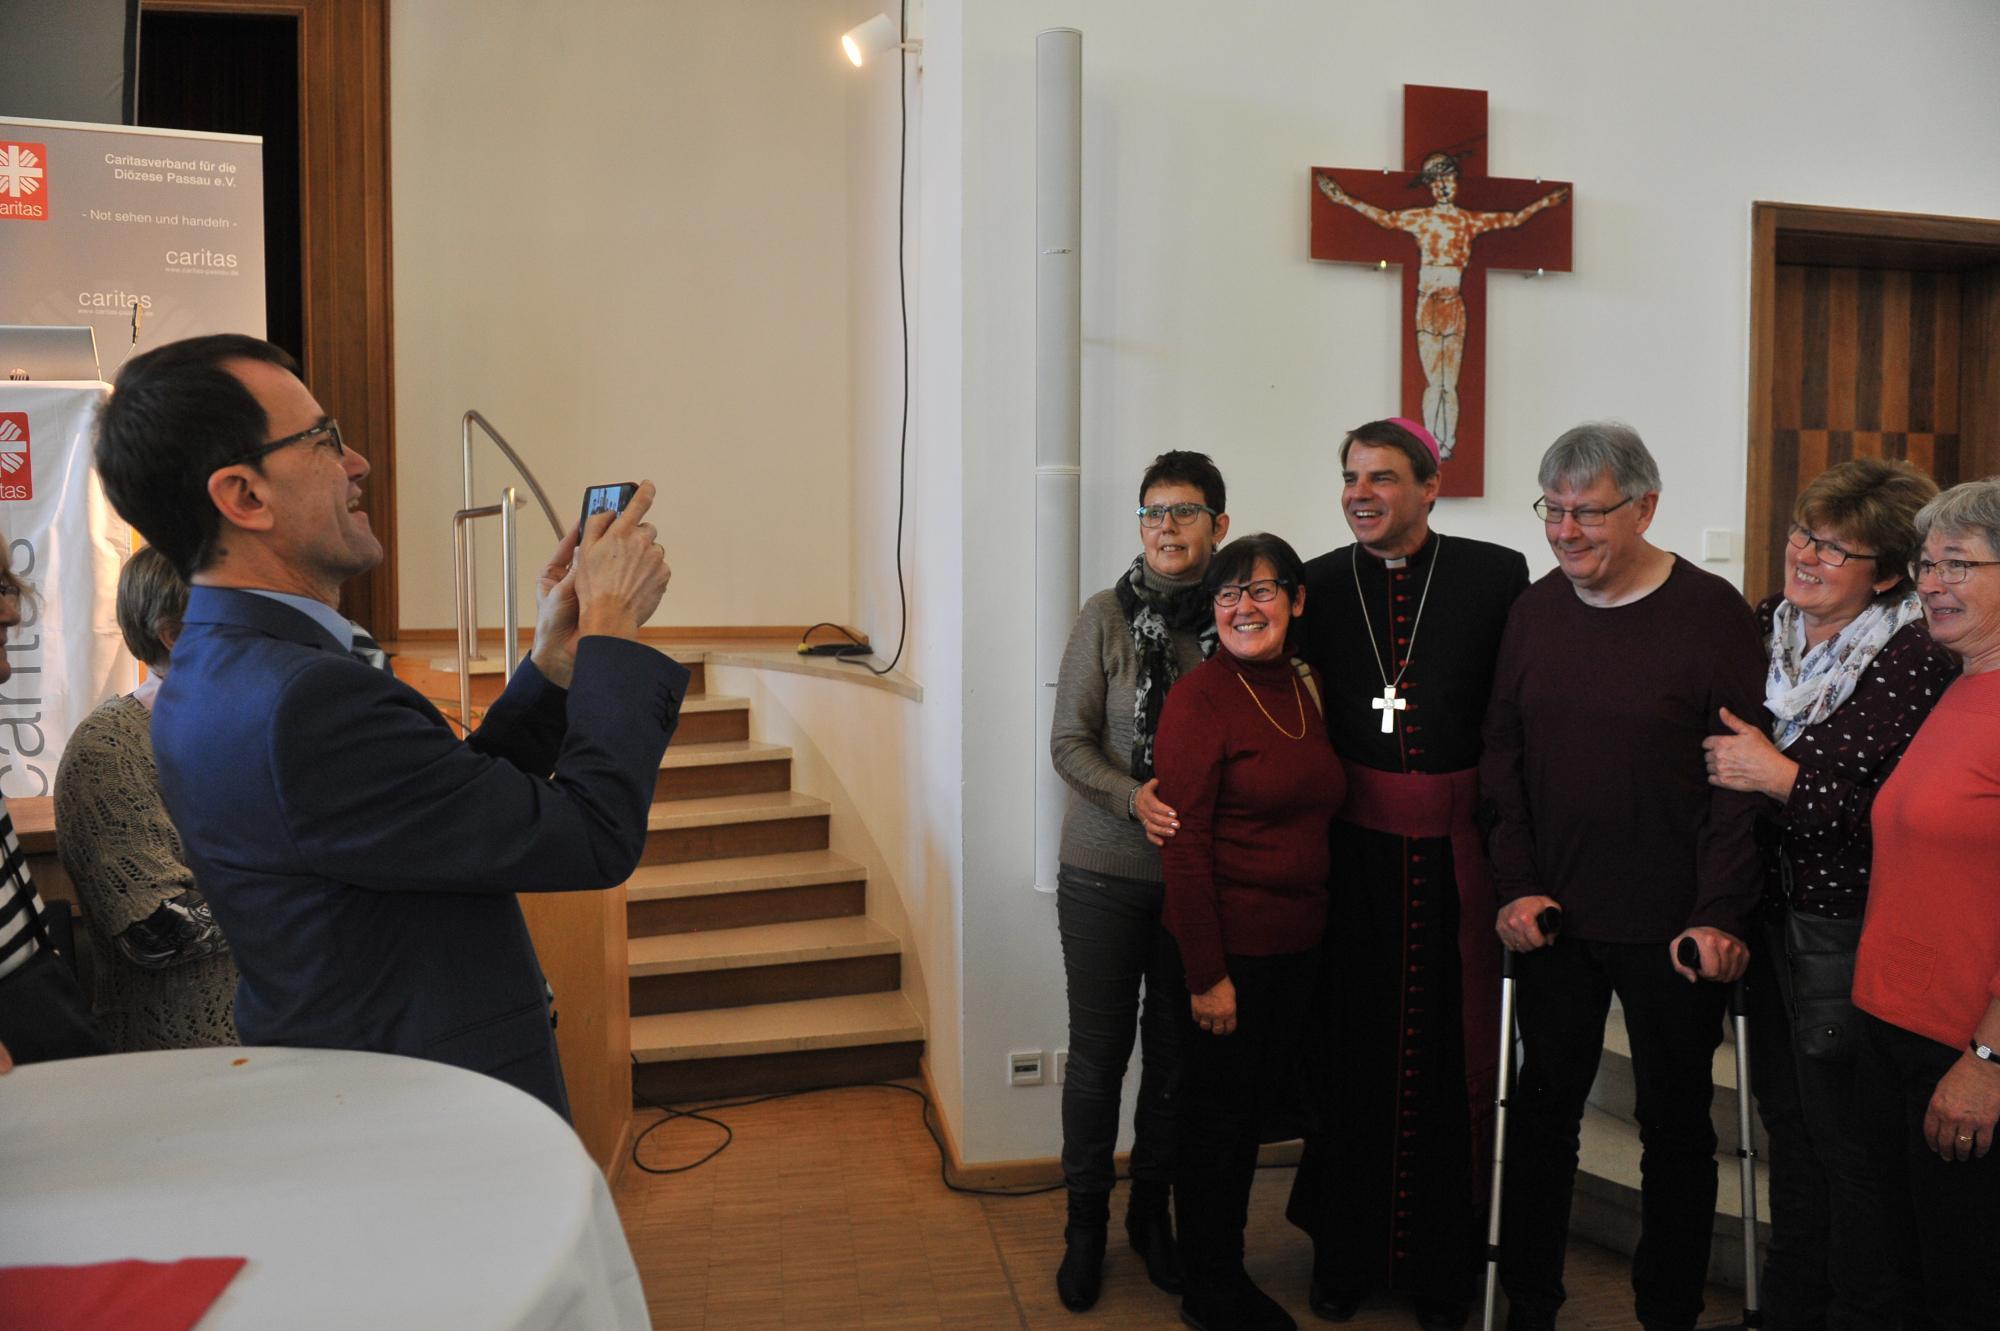 Caritasdirektor-Endres-hilft-bei-Erinnerungsfotos-mit-8886